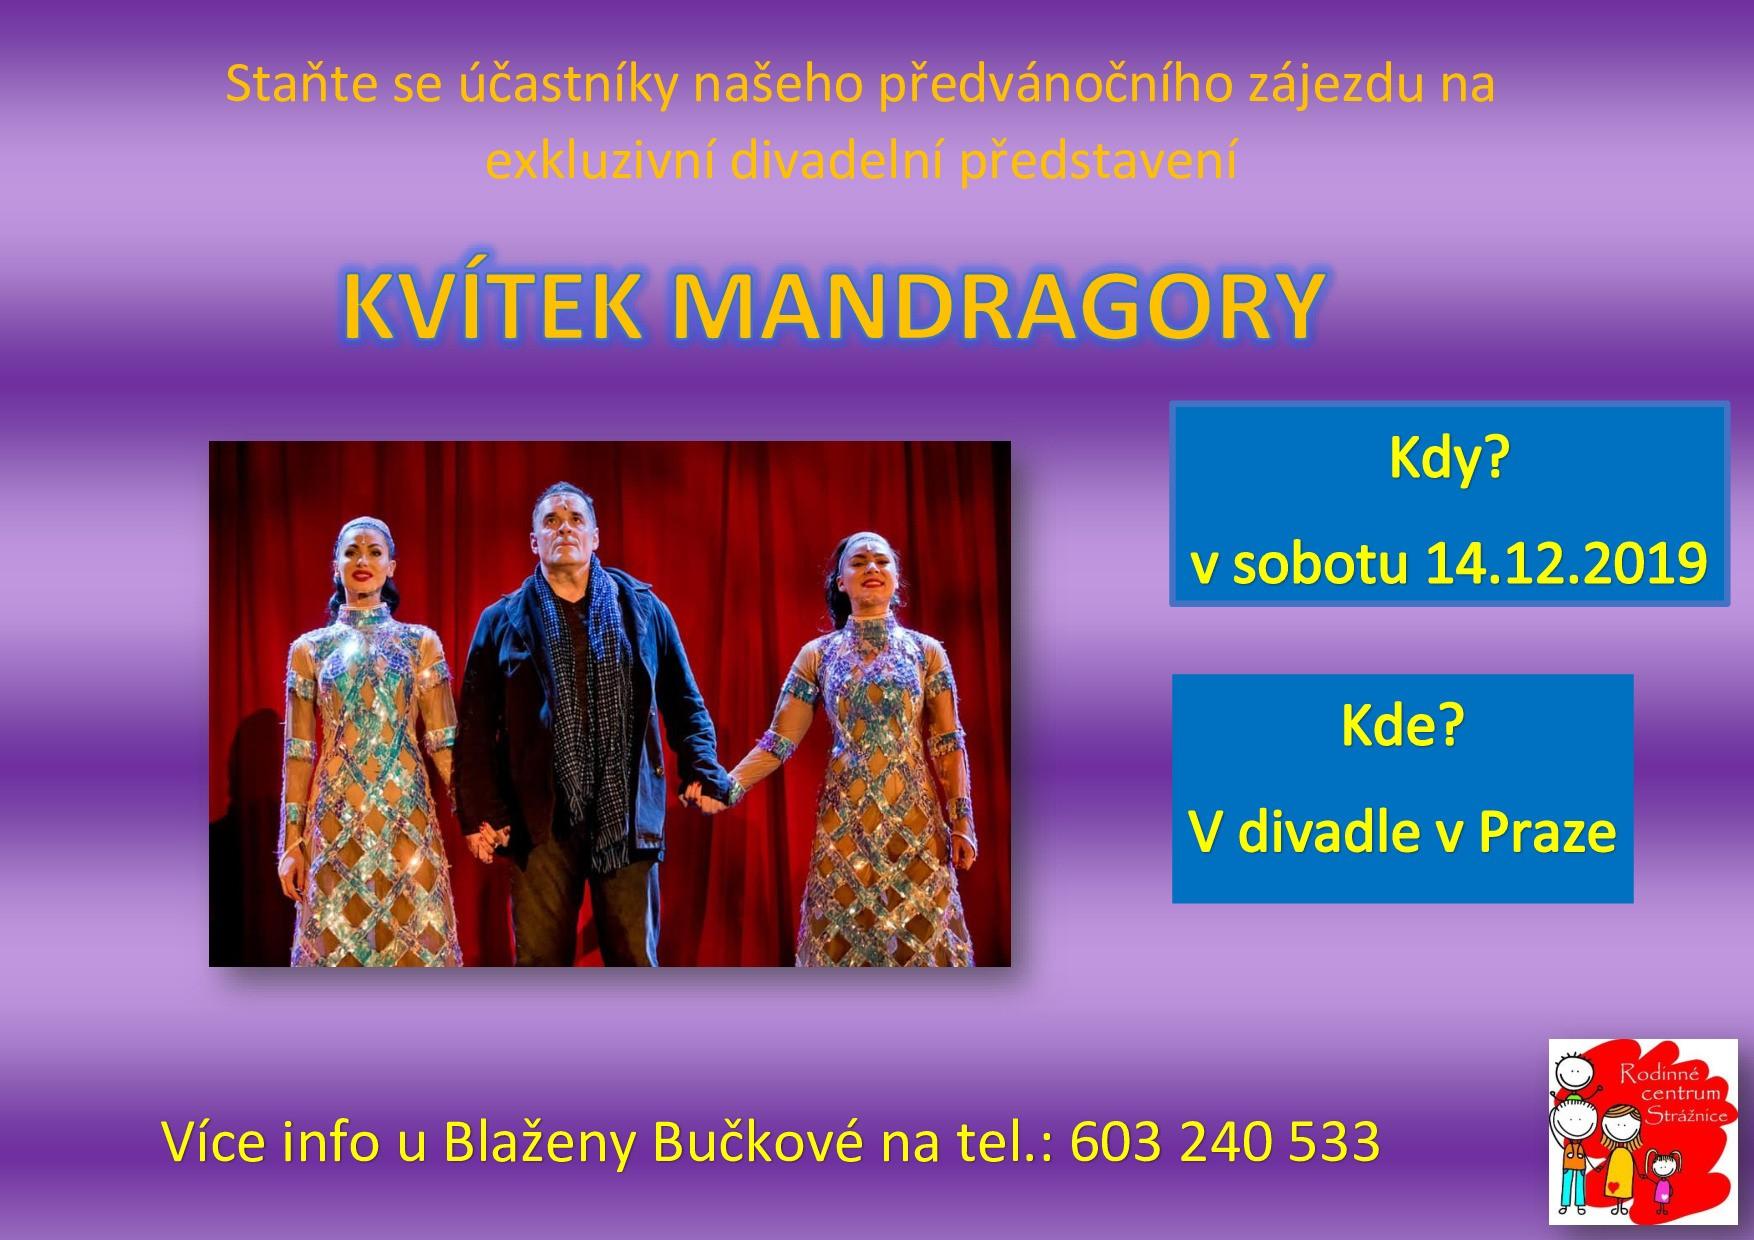 pozvnka-kvtek-mandragory